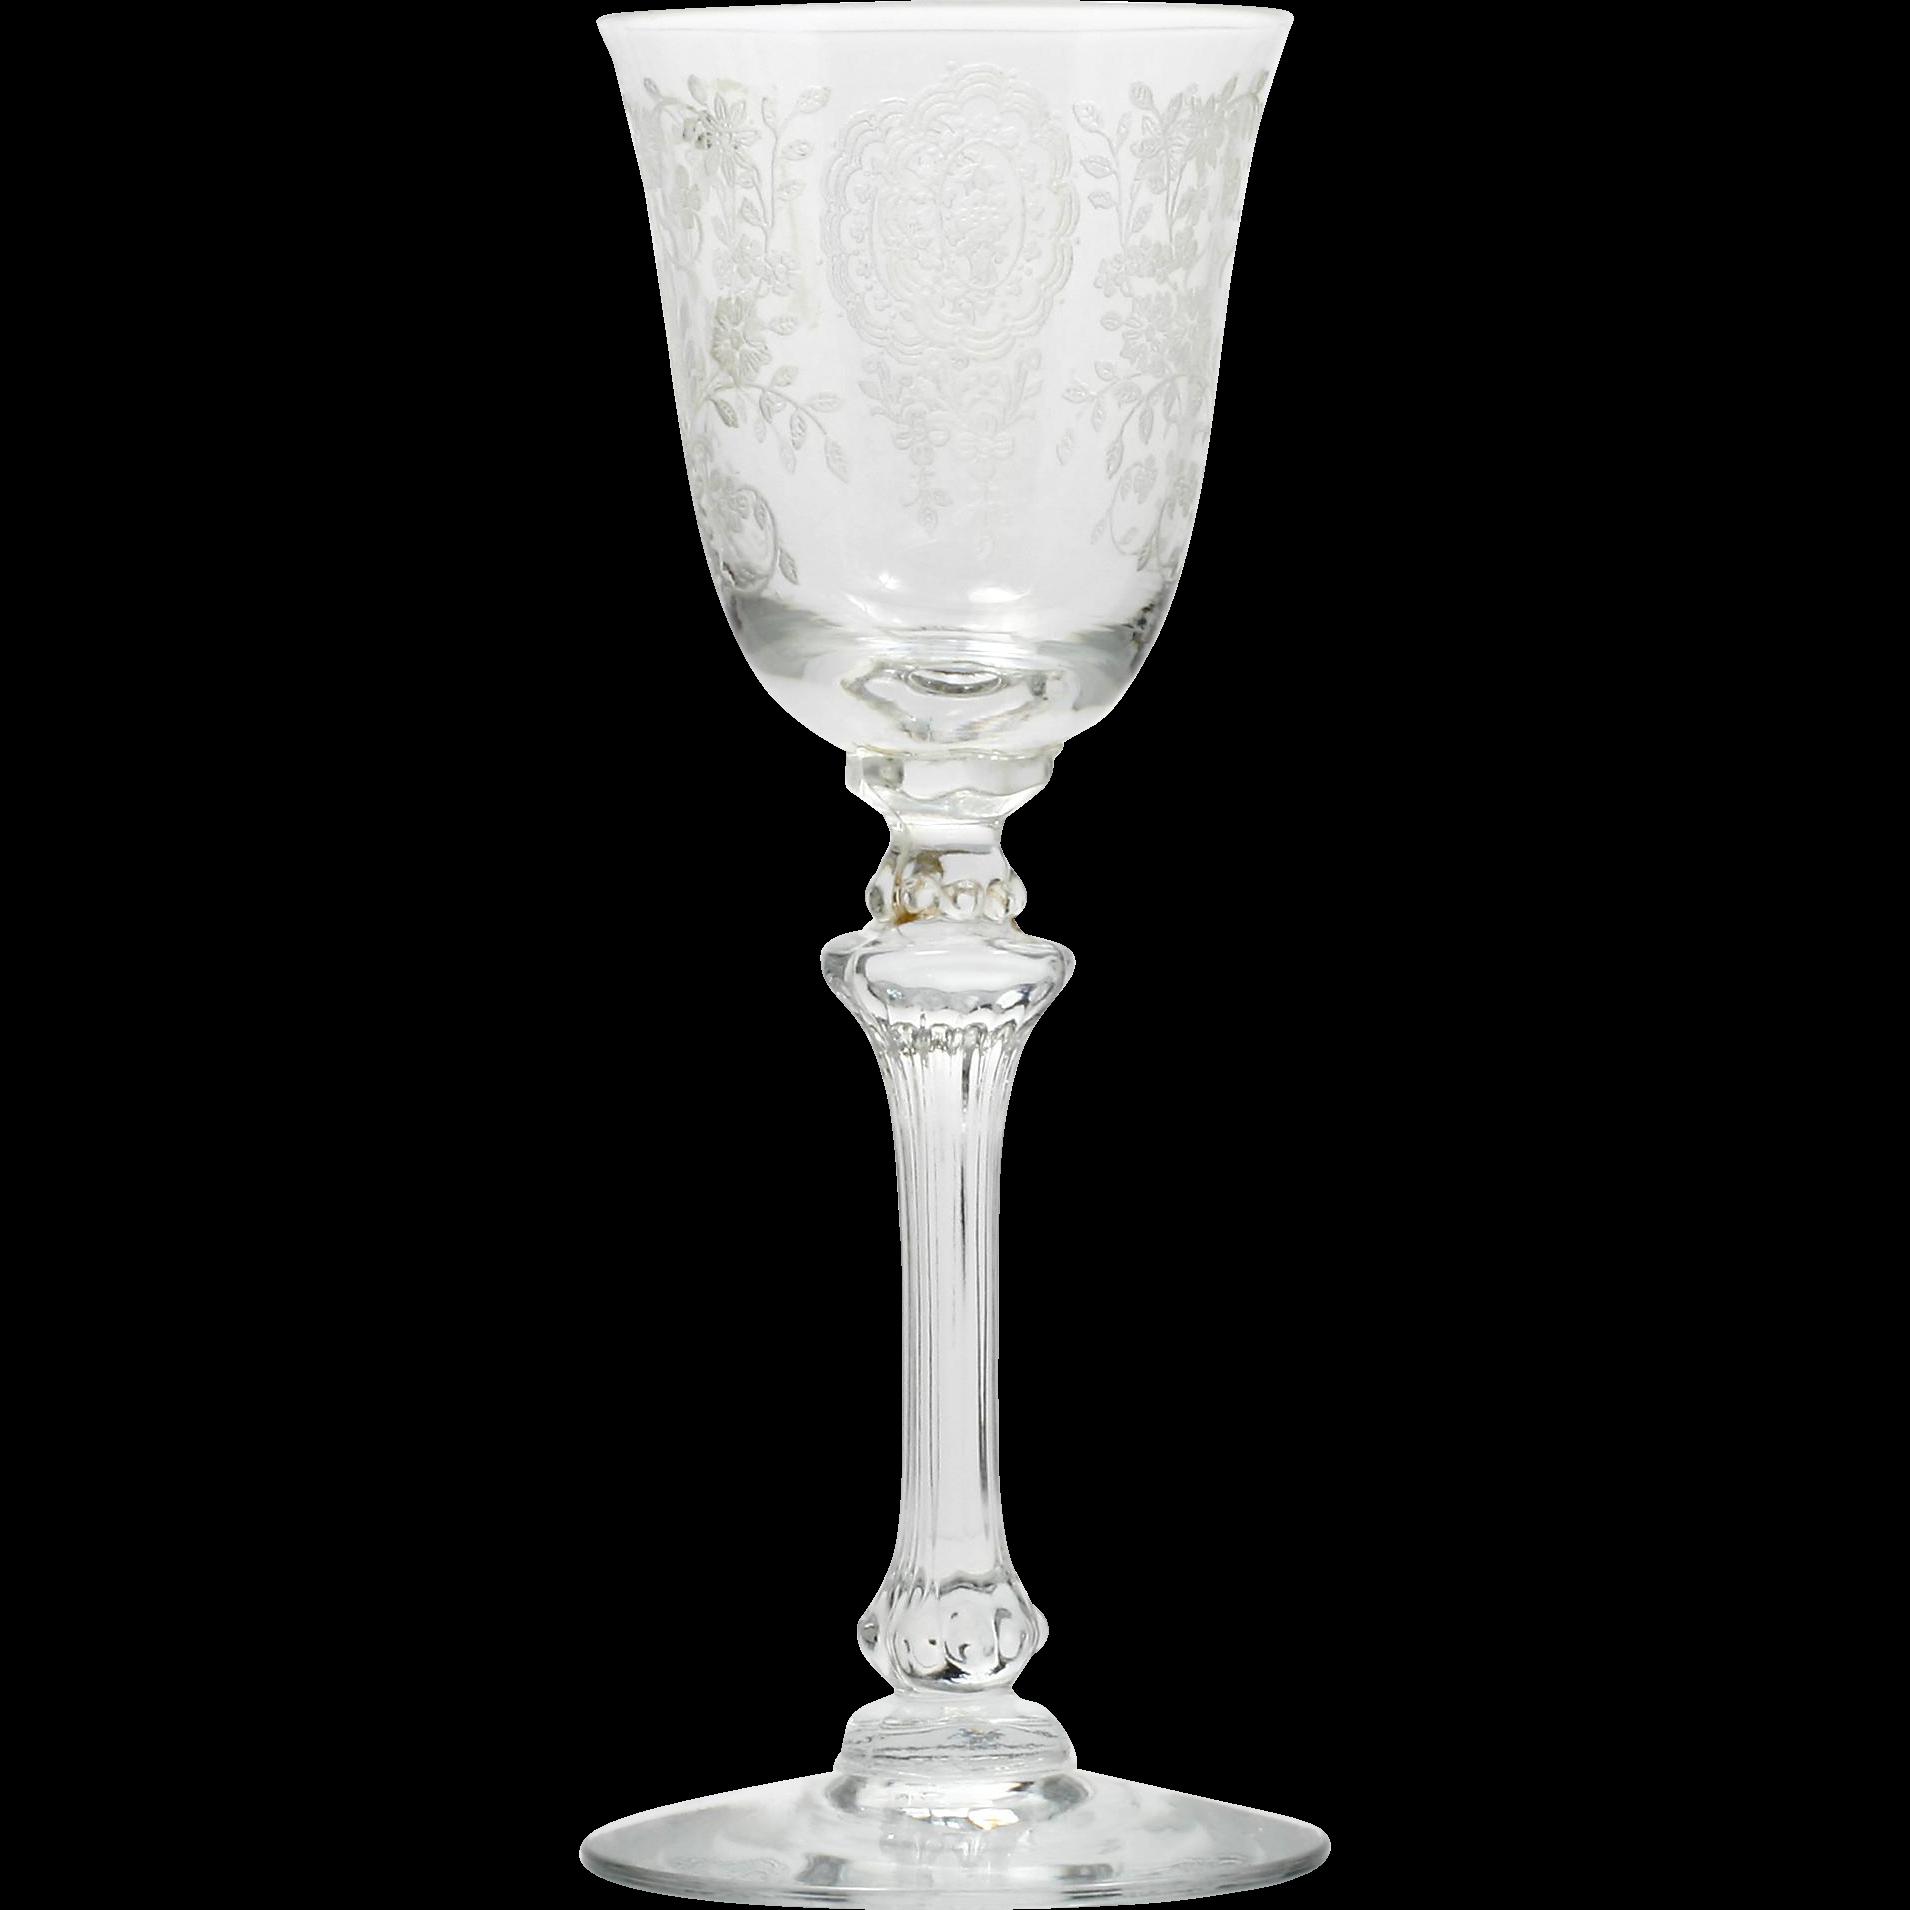 Tiffin June Night Wine Glass Etched Elegant Crystal Vintage 1940s